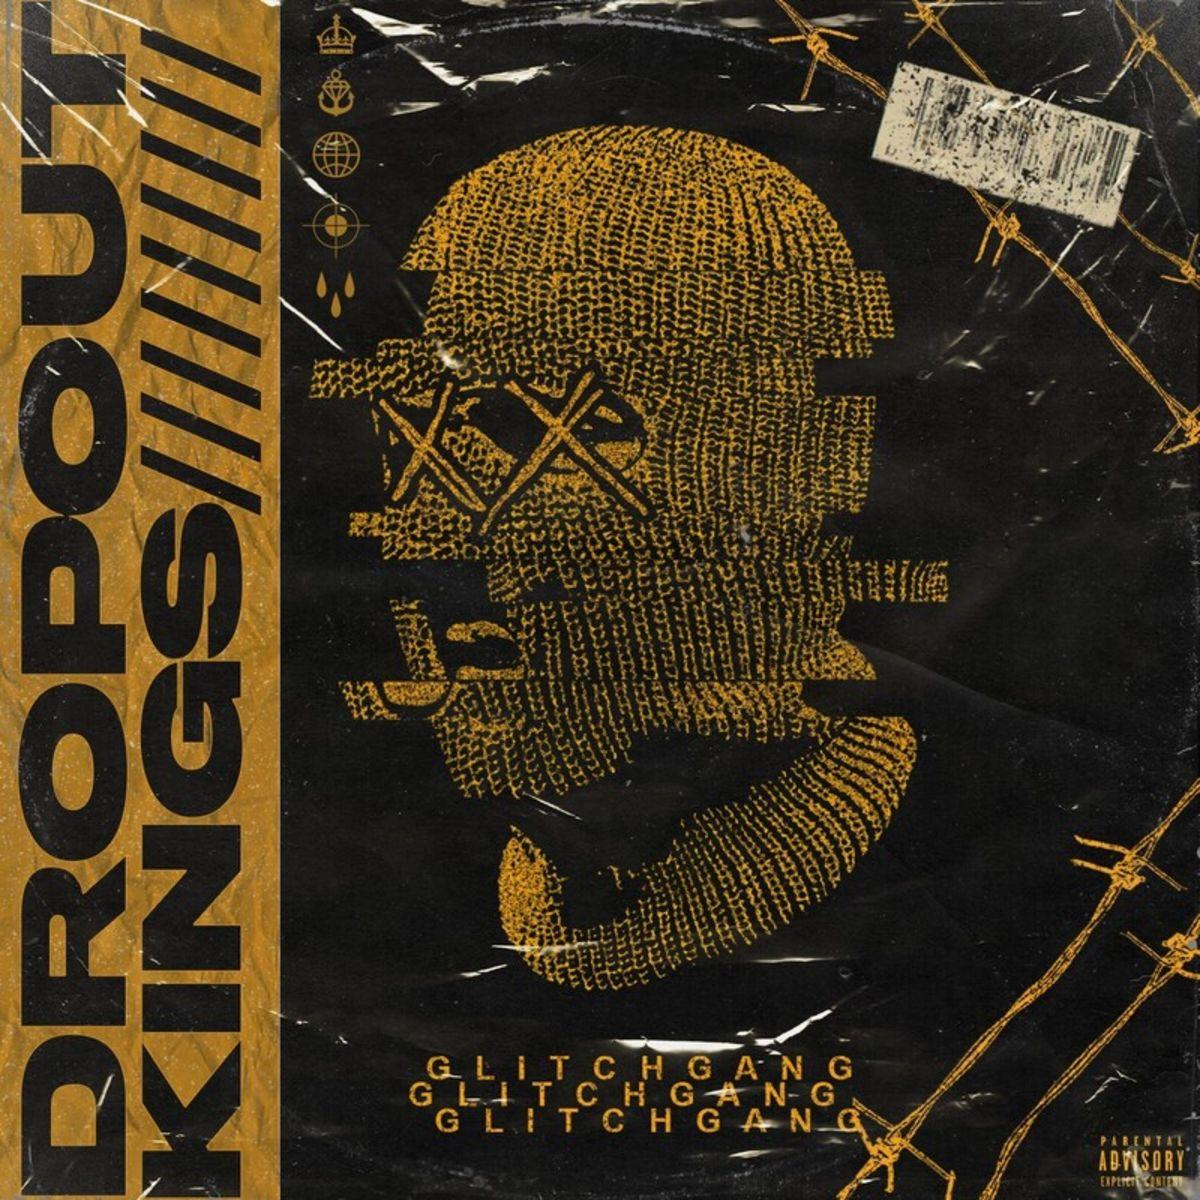 Dropout Kings - GlitchGang [single] (2020)